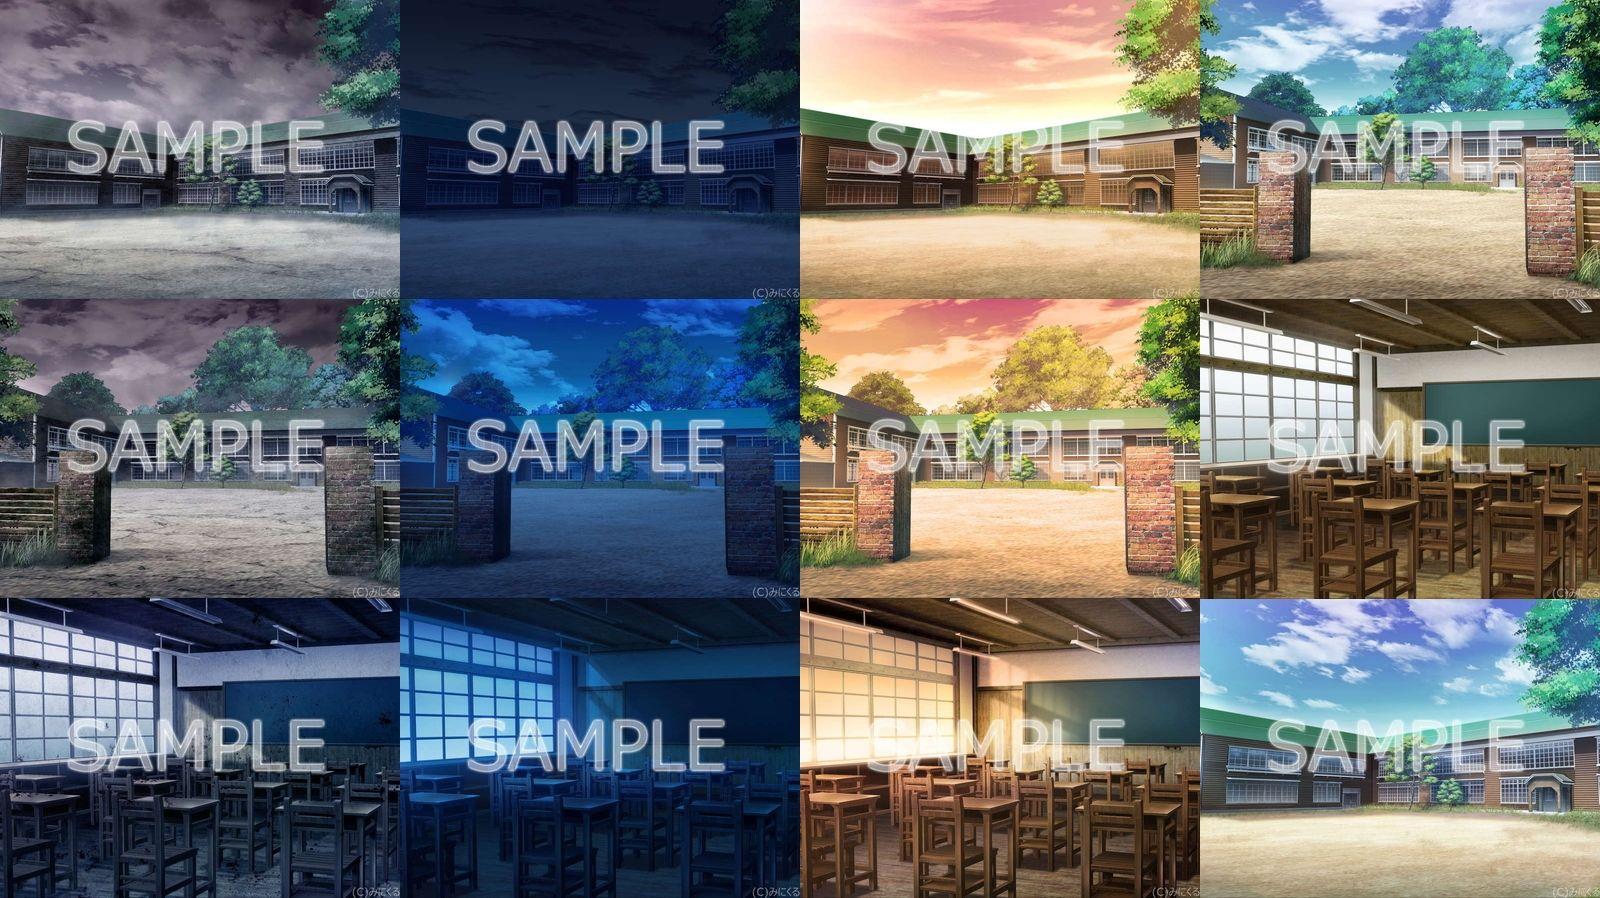 みにくる背景CG素材集『旧校舎・ホラー編』part01のサンプル画像2